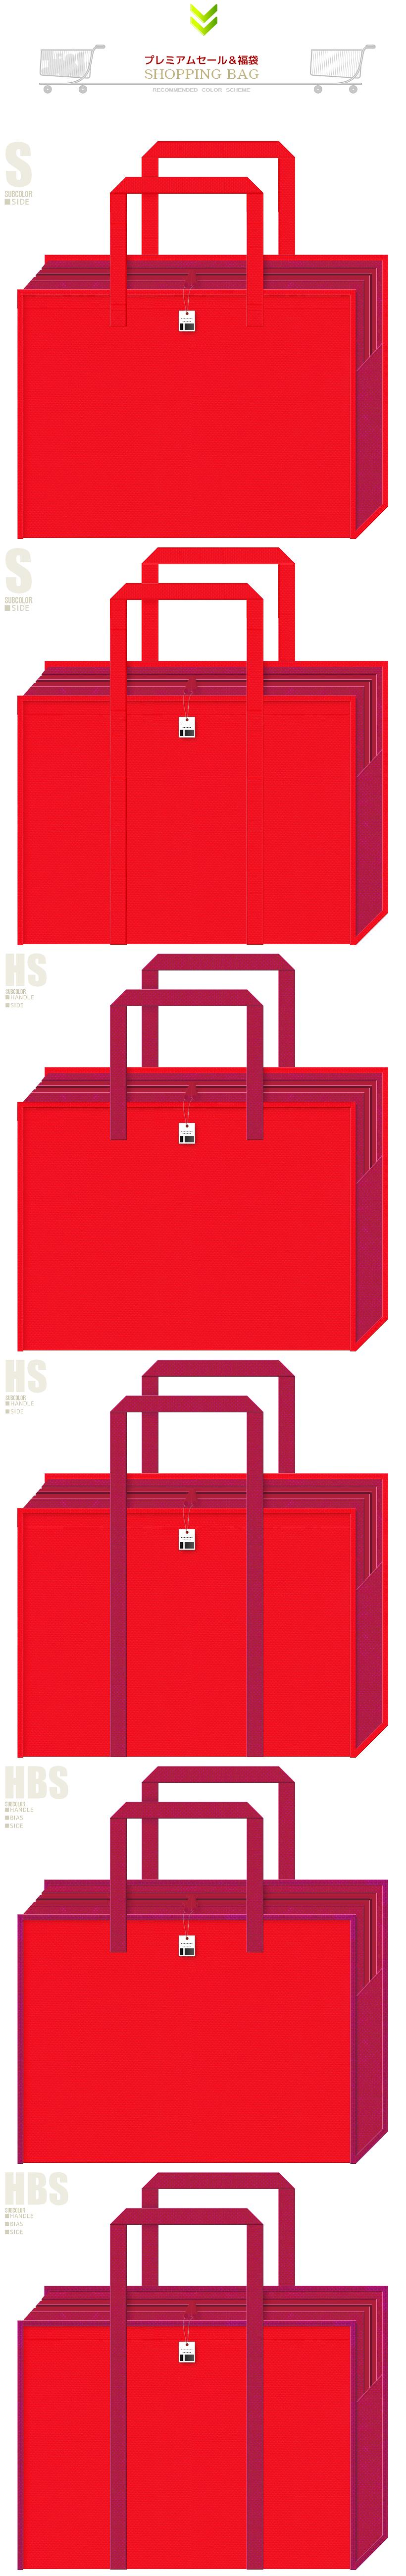 赤色と濃いピンク色の不織布バッグデザイン(ファスナー付き):福袋・ひなまつりセール・和風小物のプレミアムセールにお奨め